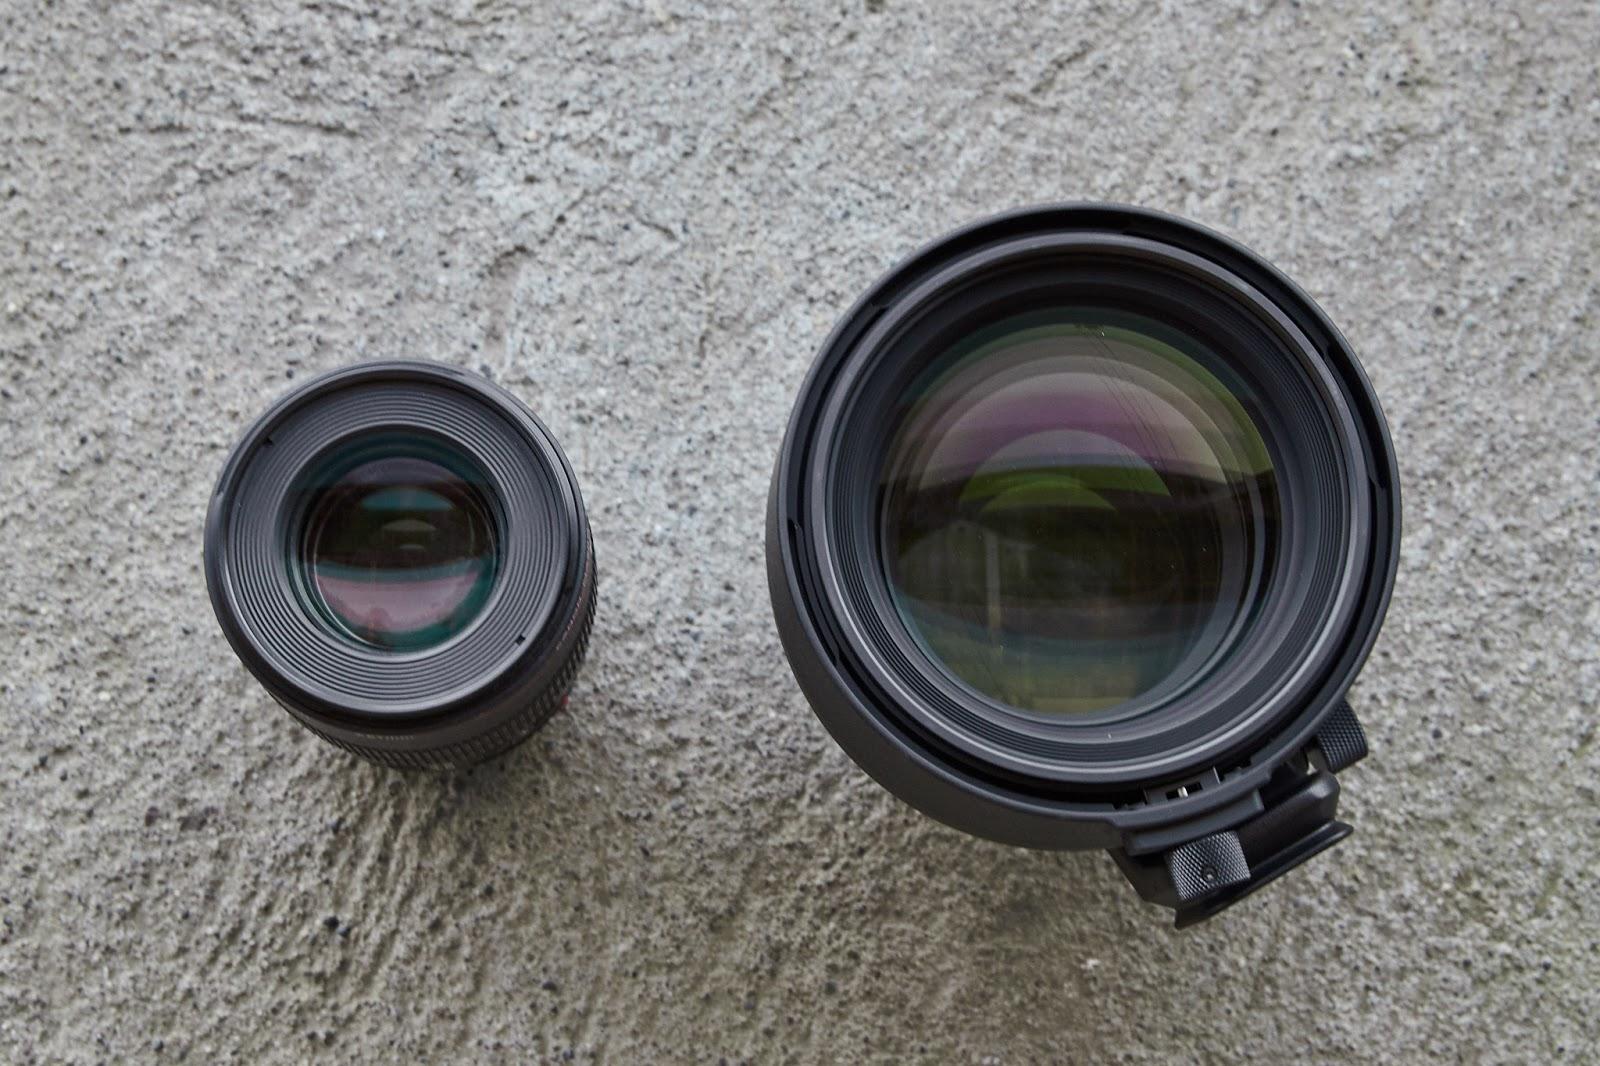 Объектив Sigma 105mm f/1.4 Art в сравнении с Canon 100mm f/2.8L Macro